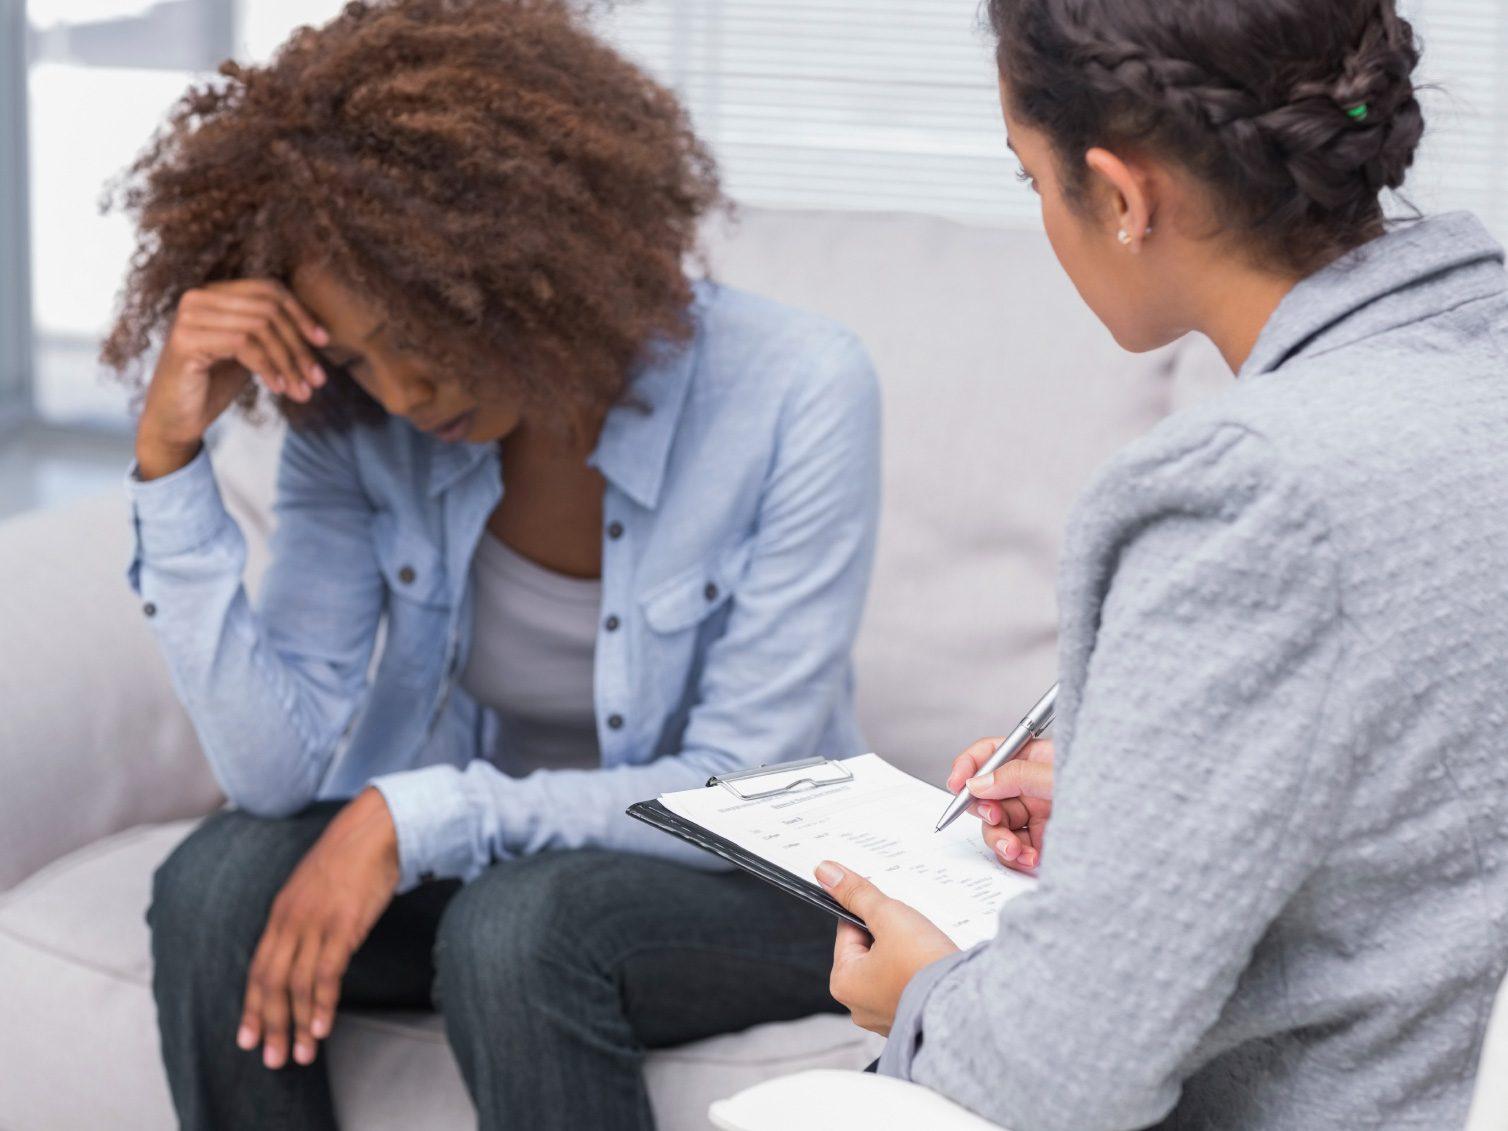 Combatting Stigma